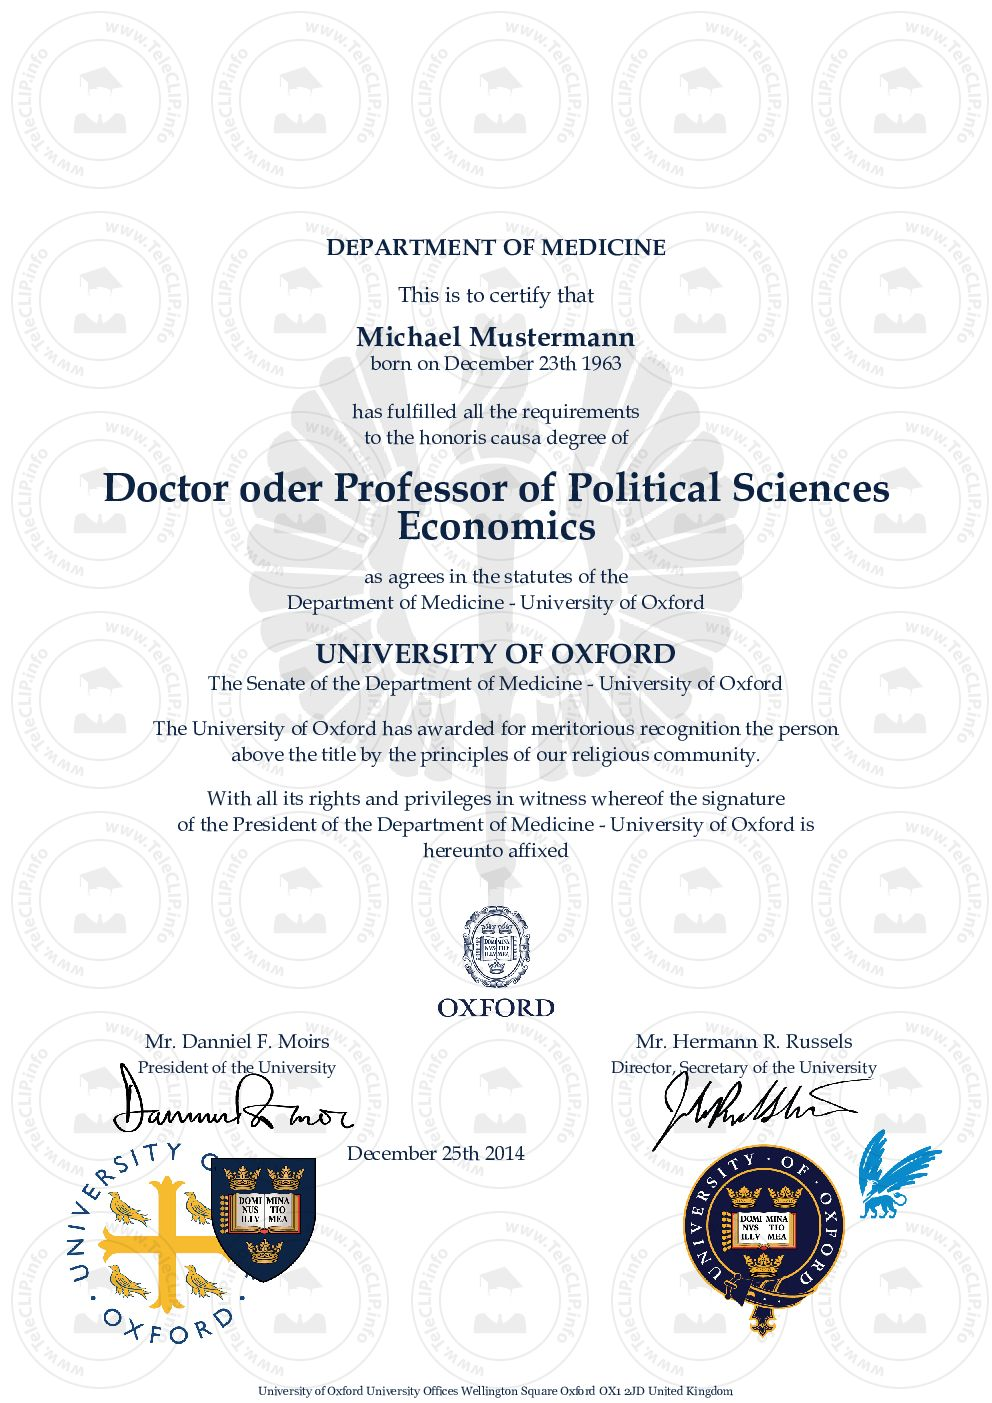 Doktortitel kaufen, Diplom Urkunde kaufen, Zeugnis kaufen ... | {Rettungssanitäter zeugnis 80}